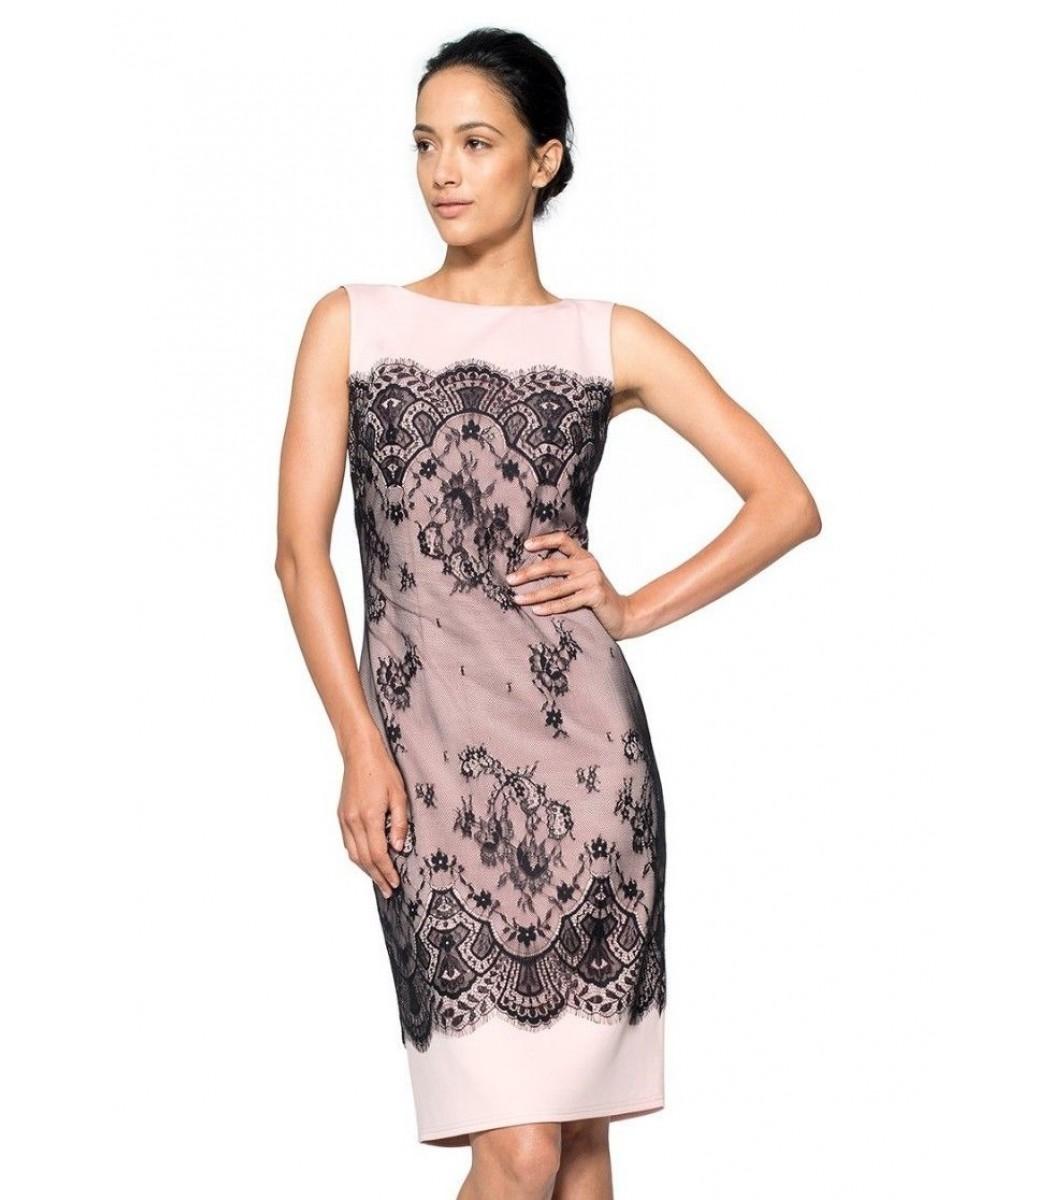 Tadashi Shoji AGK1378MZ Black Pale Pink Cocktail Party Dress Size 8 ...